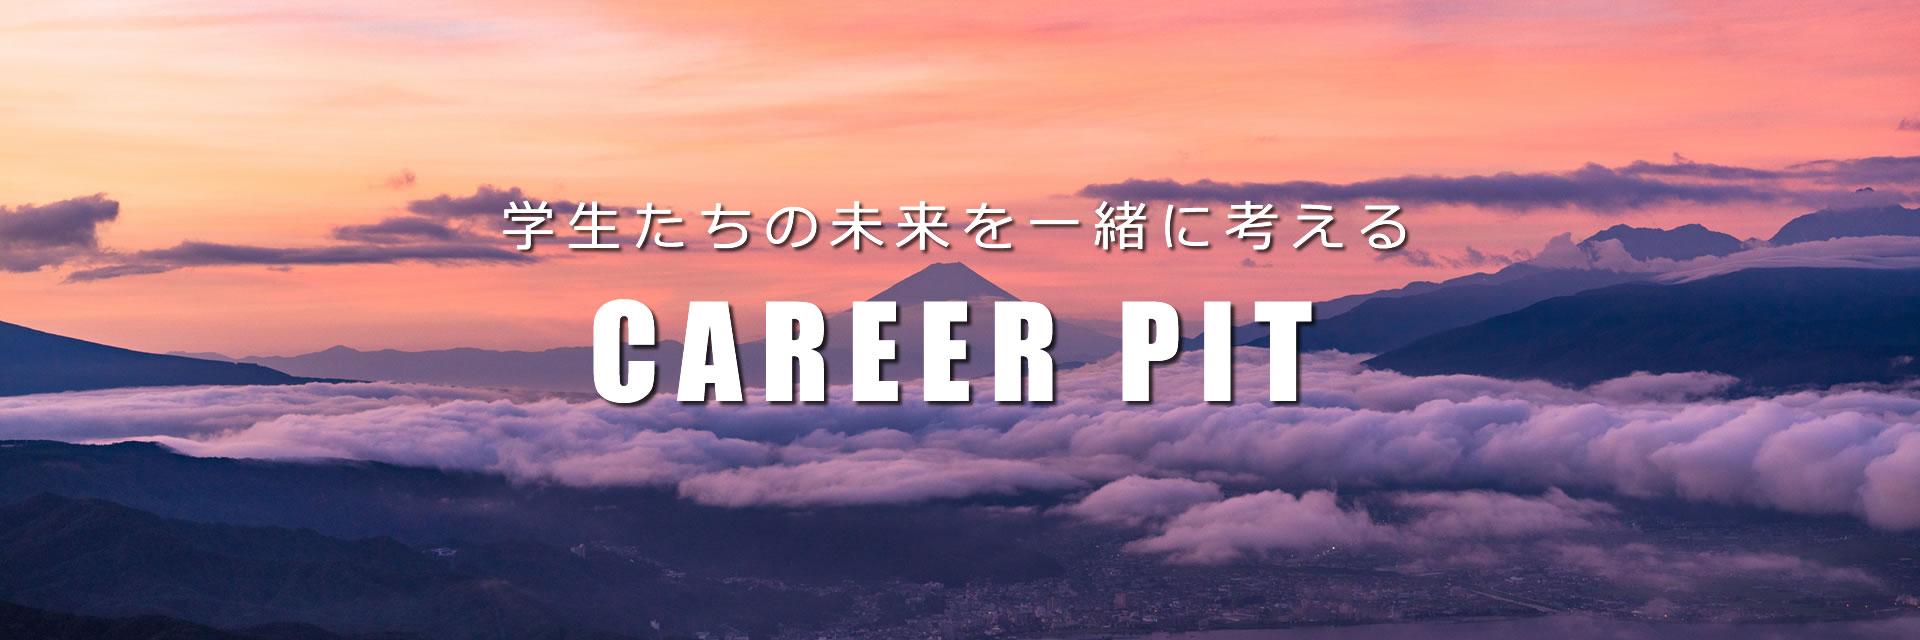 キャリアピット(CAREER PIT)/中高生対象のキャリア教育講座・進路カウンセリング、若者の就活支援等